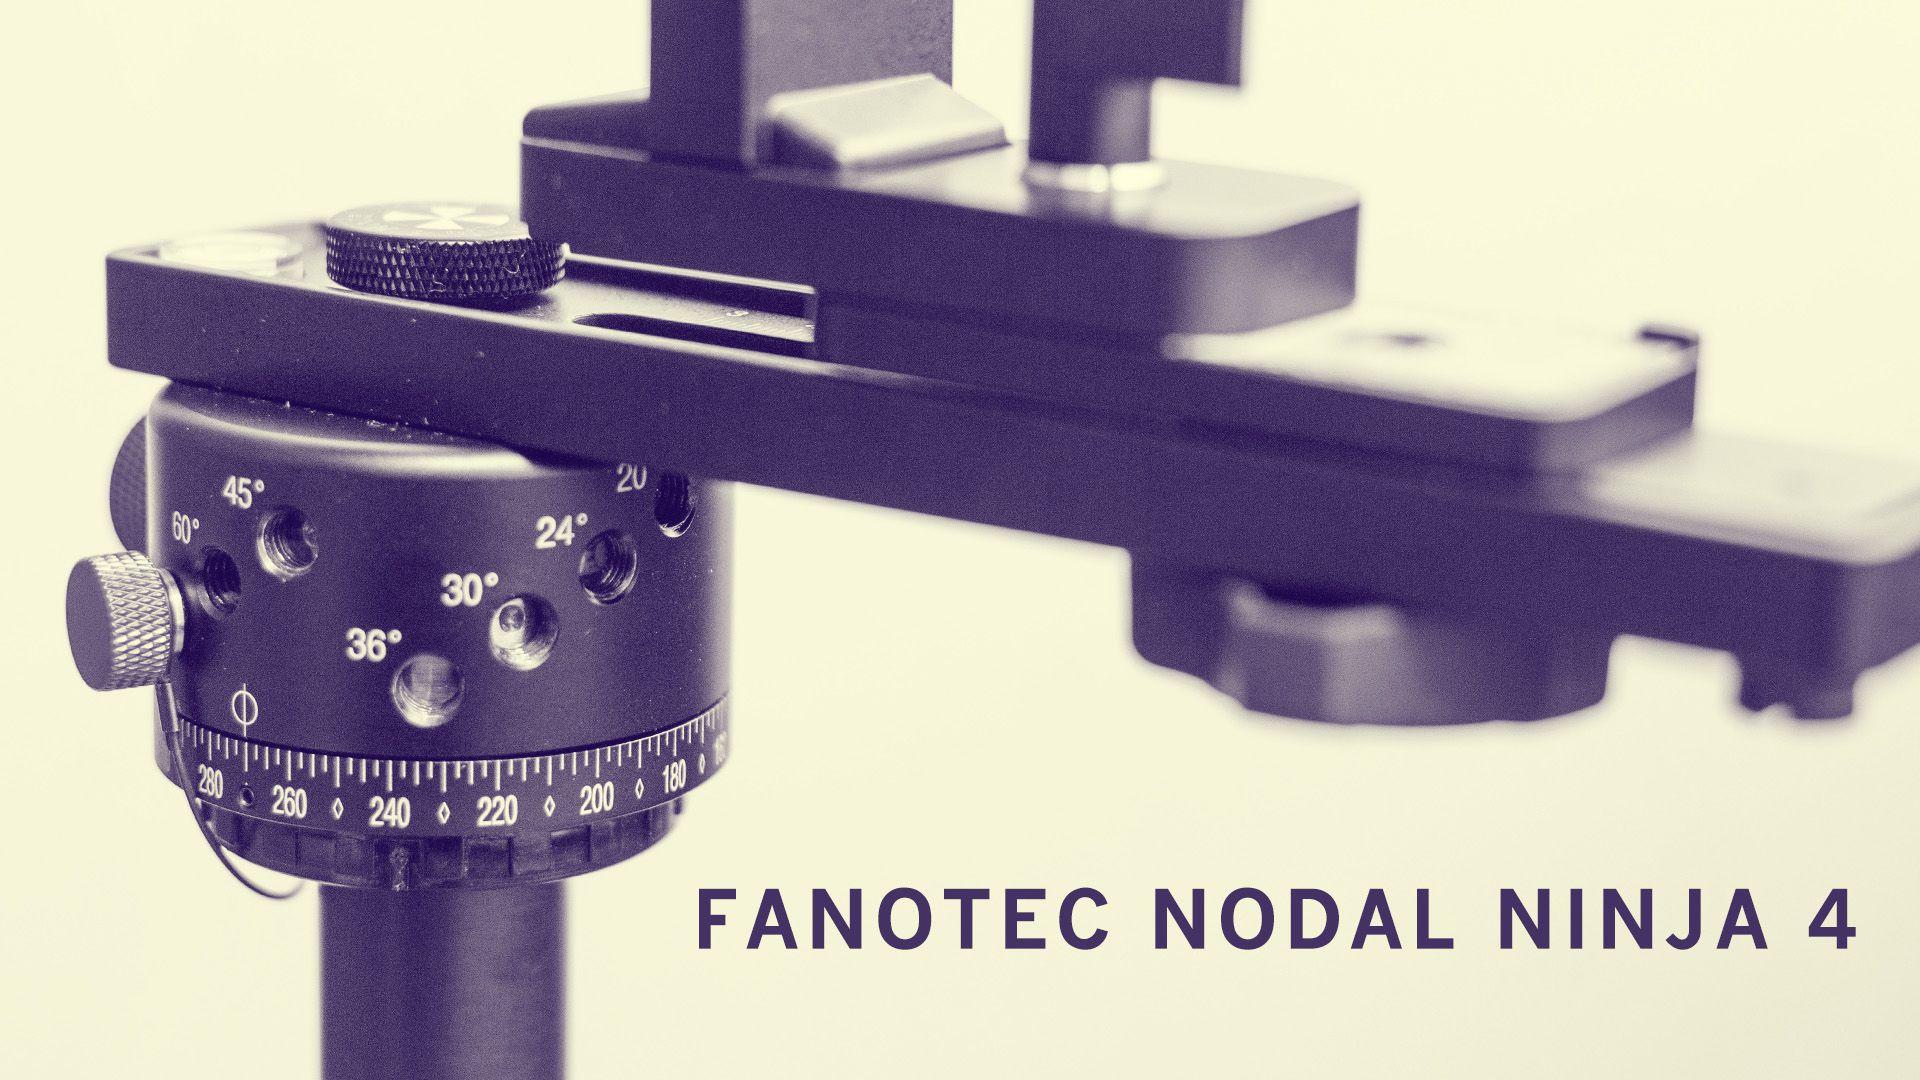 FANOTEC Nodal Ninja4のレビュー